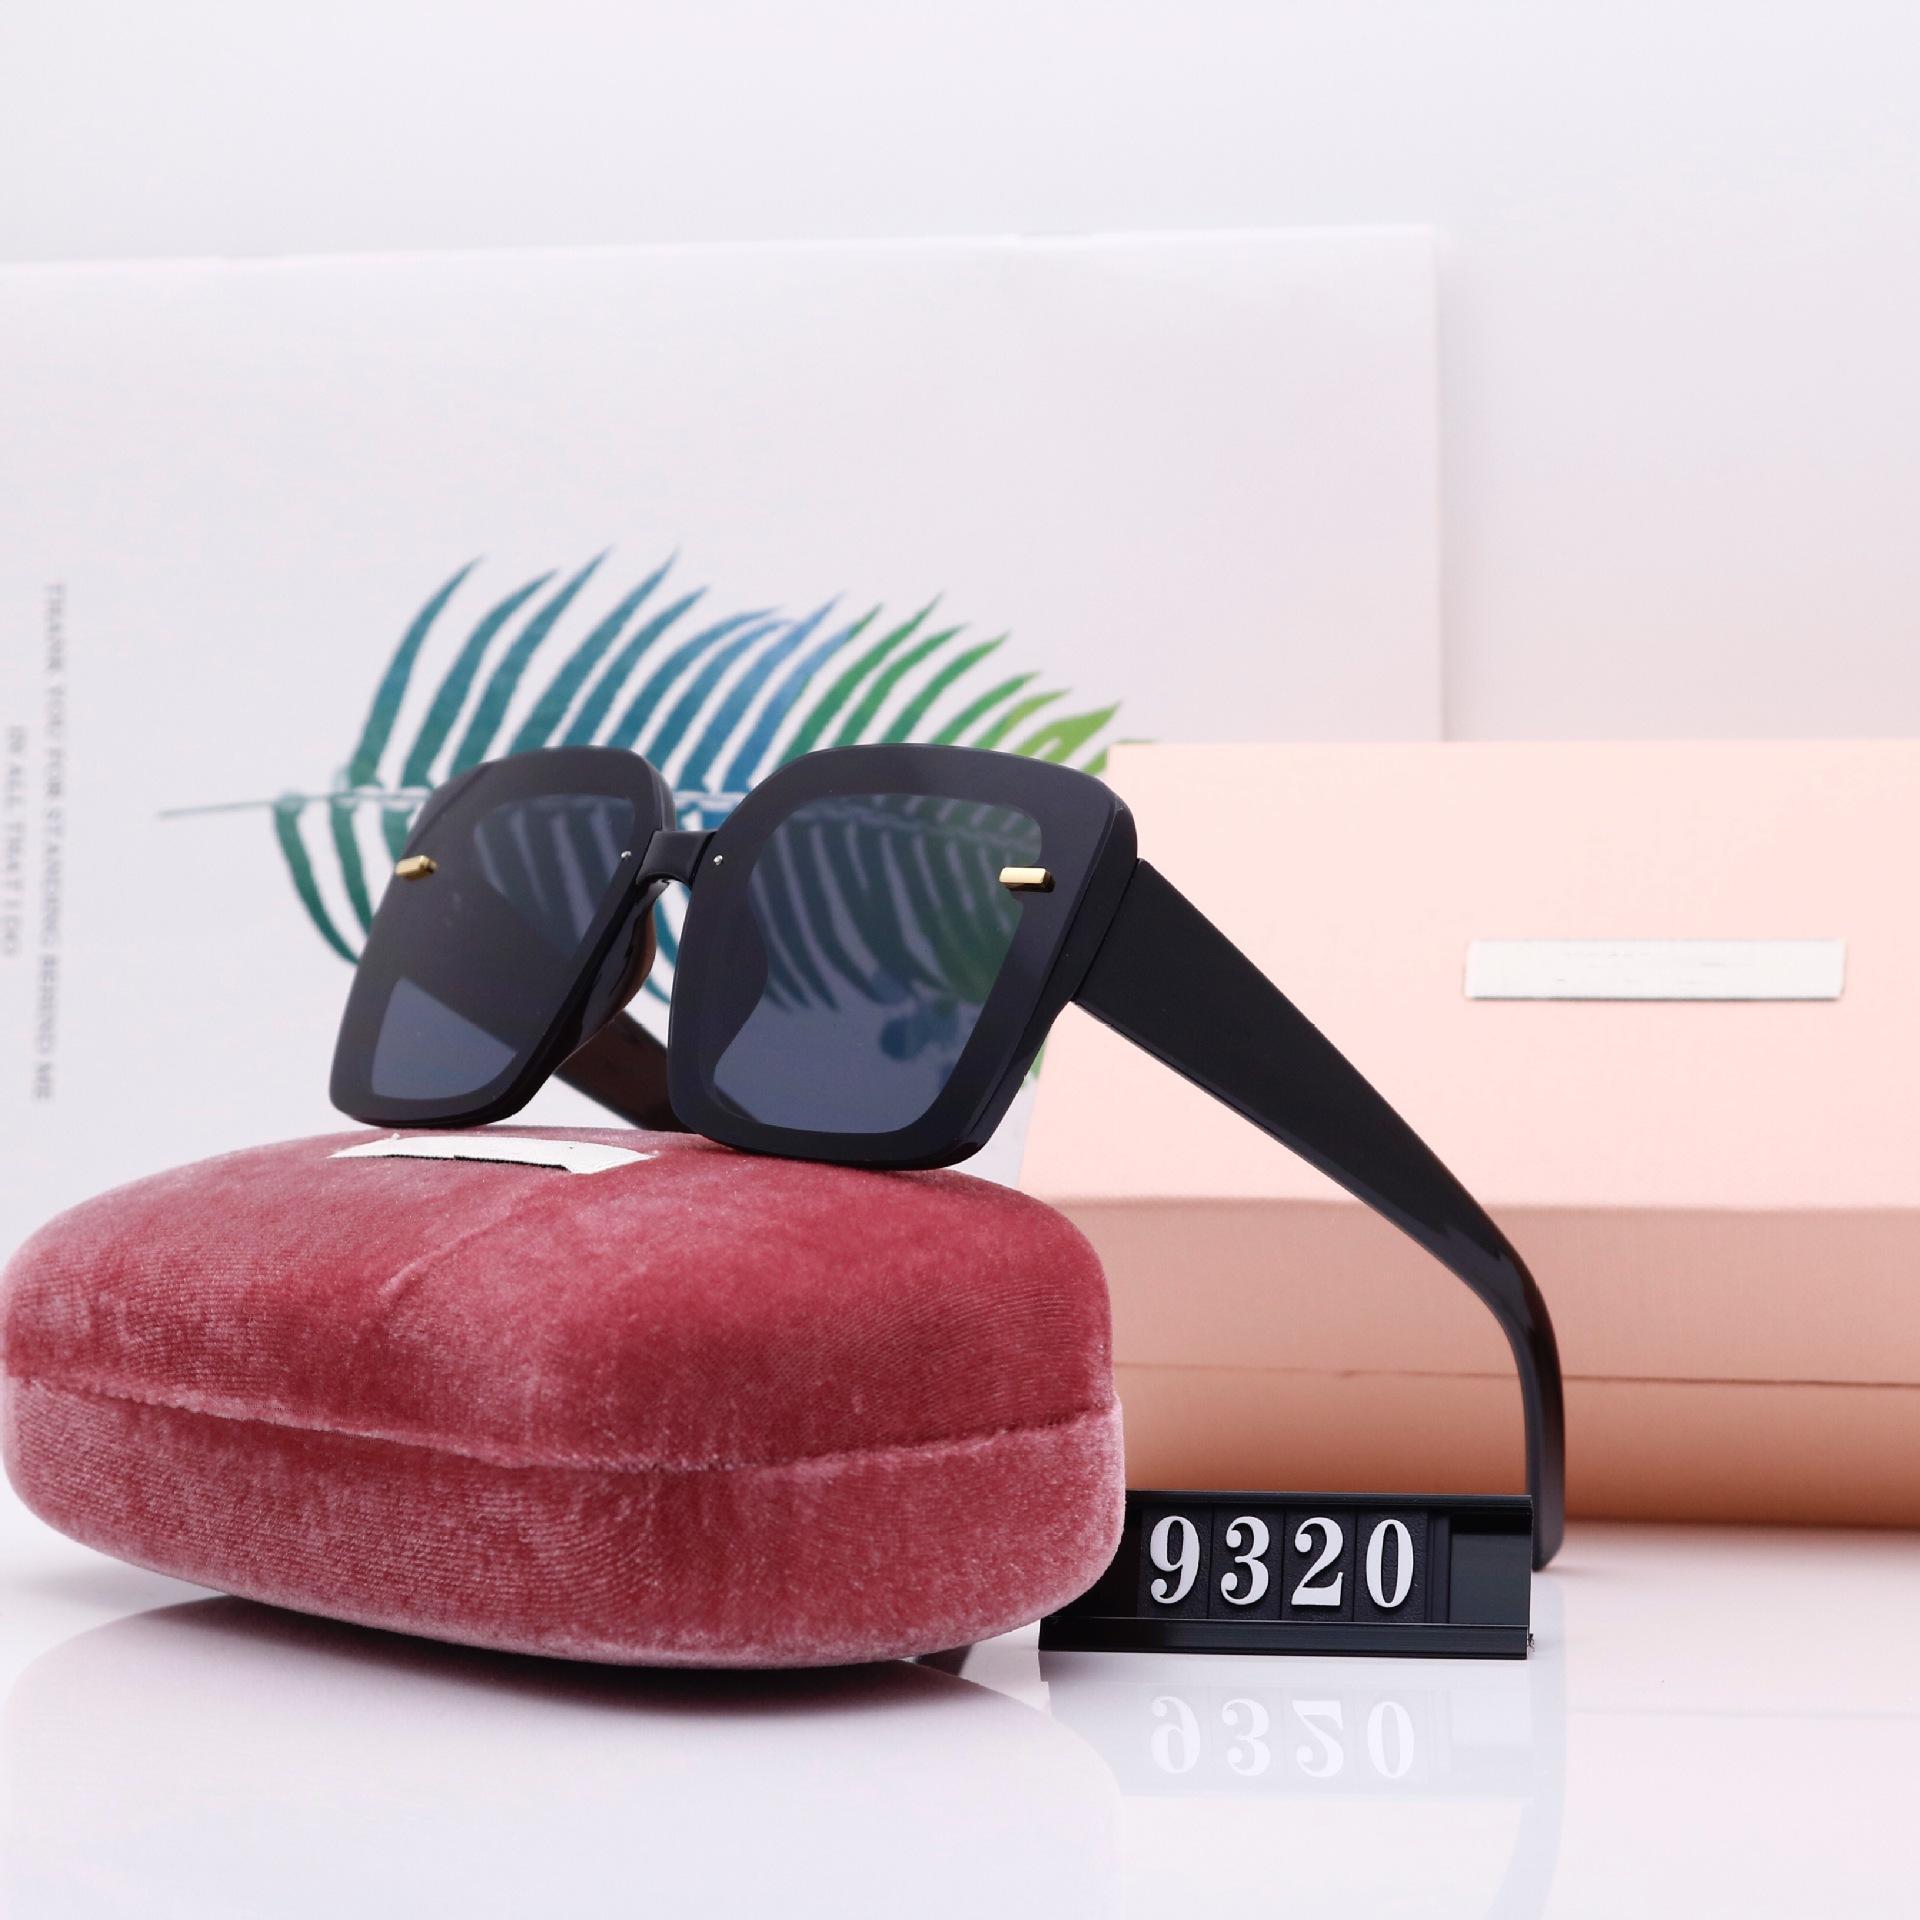 최고 품질의 패션 유리 렌즈 명품 선글라스 UV 400 개 선글라스 남자 선글라스 빈티지 금속 스포츠 태양 안경의 경우